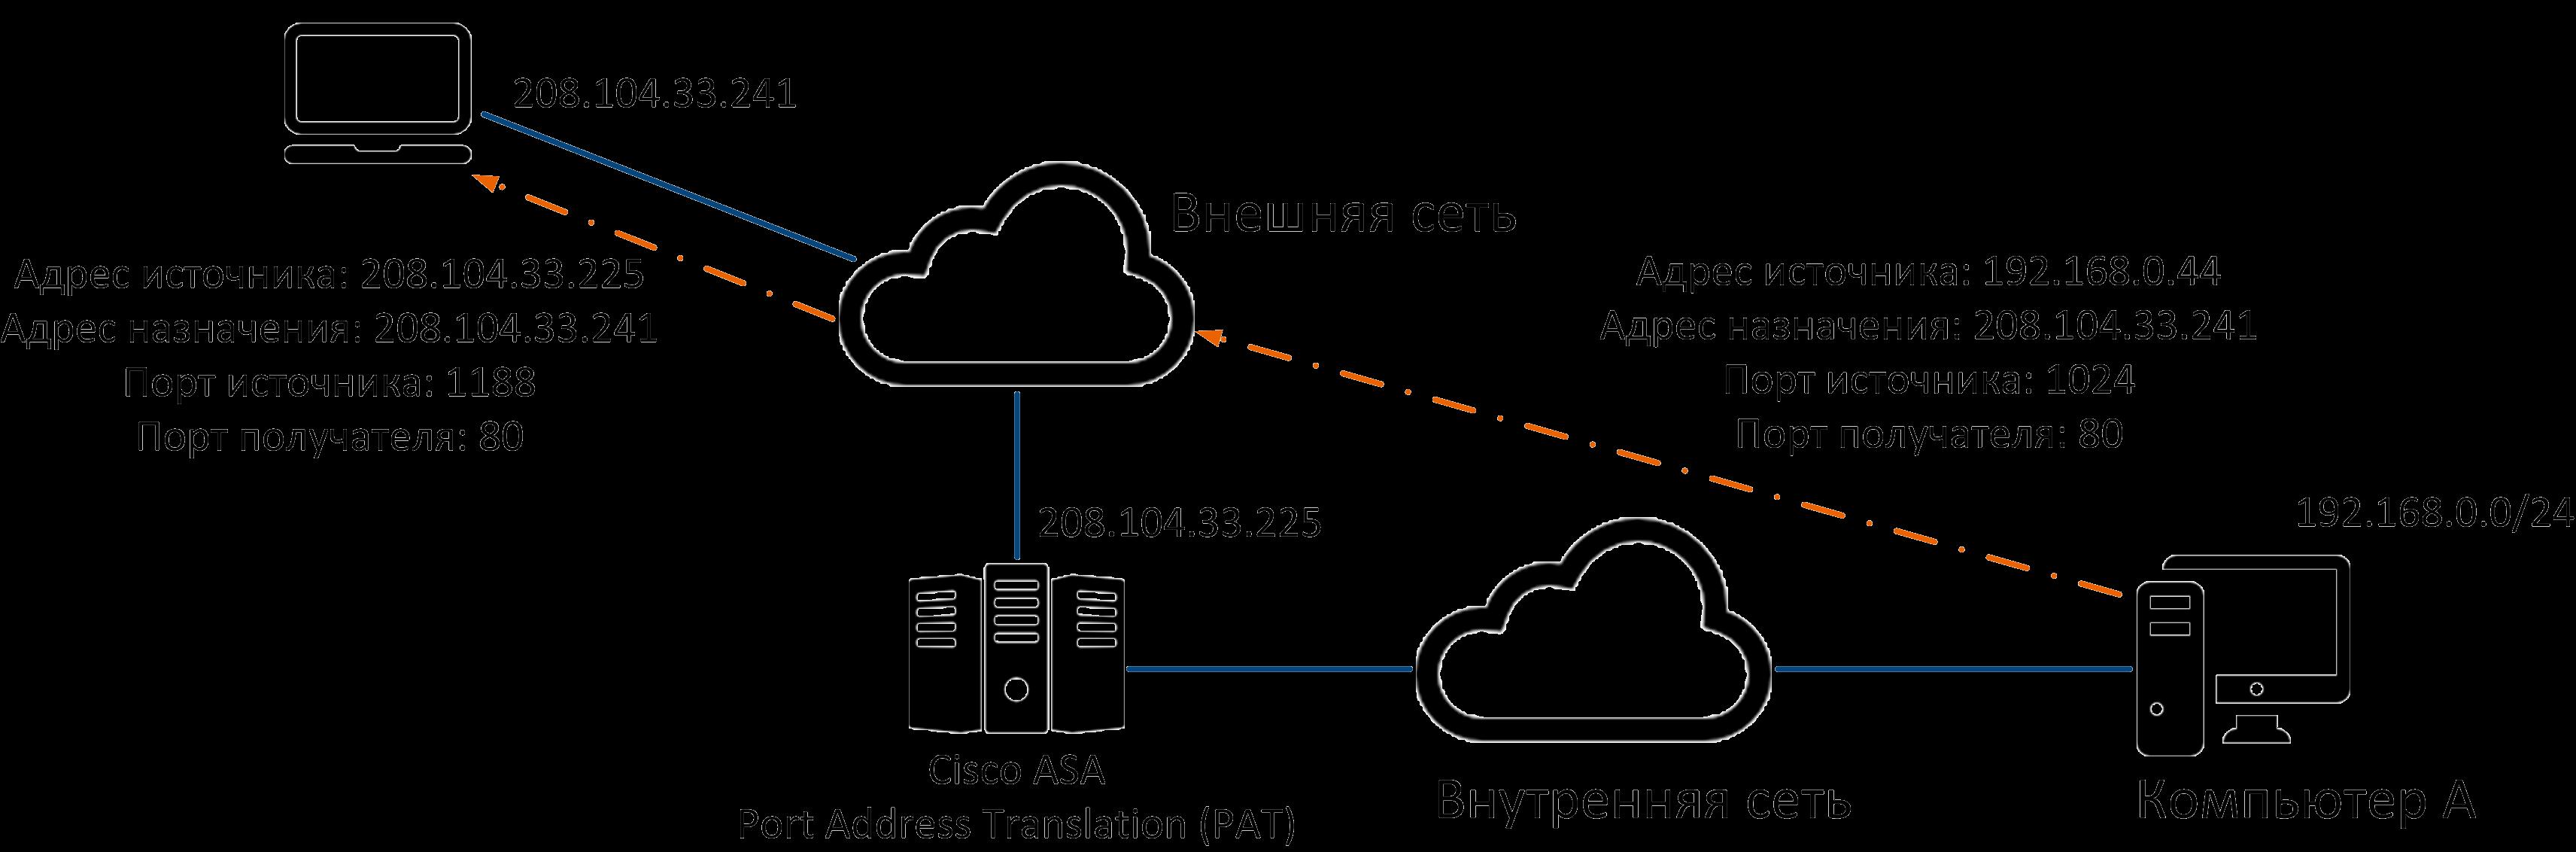 Защита периметра сети